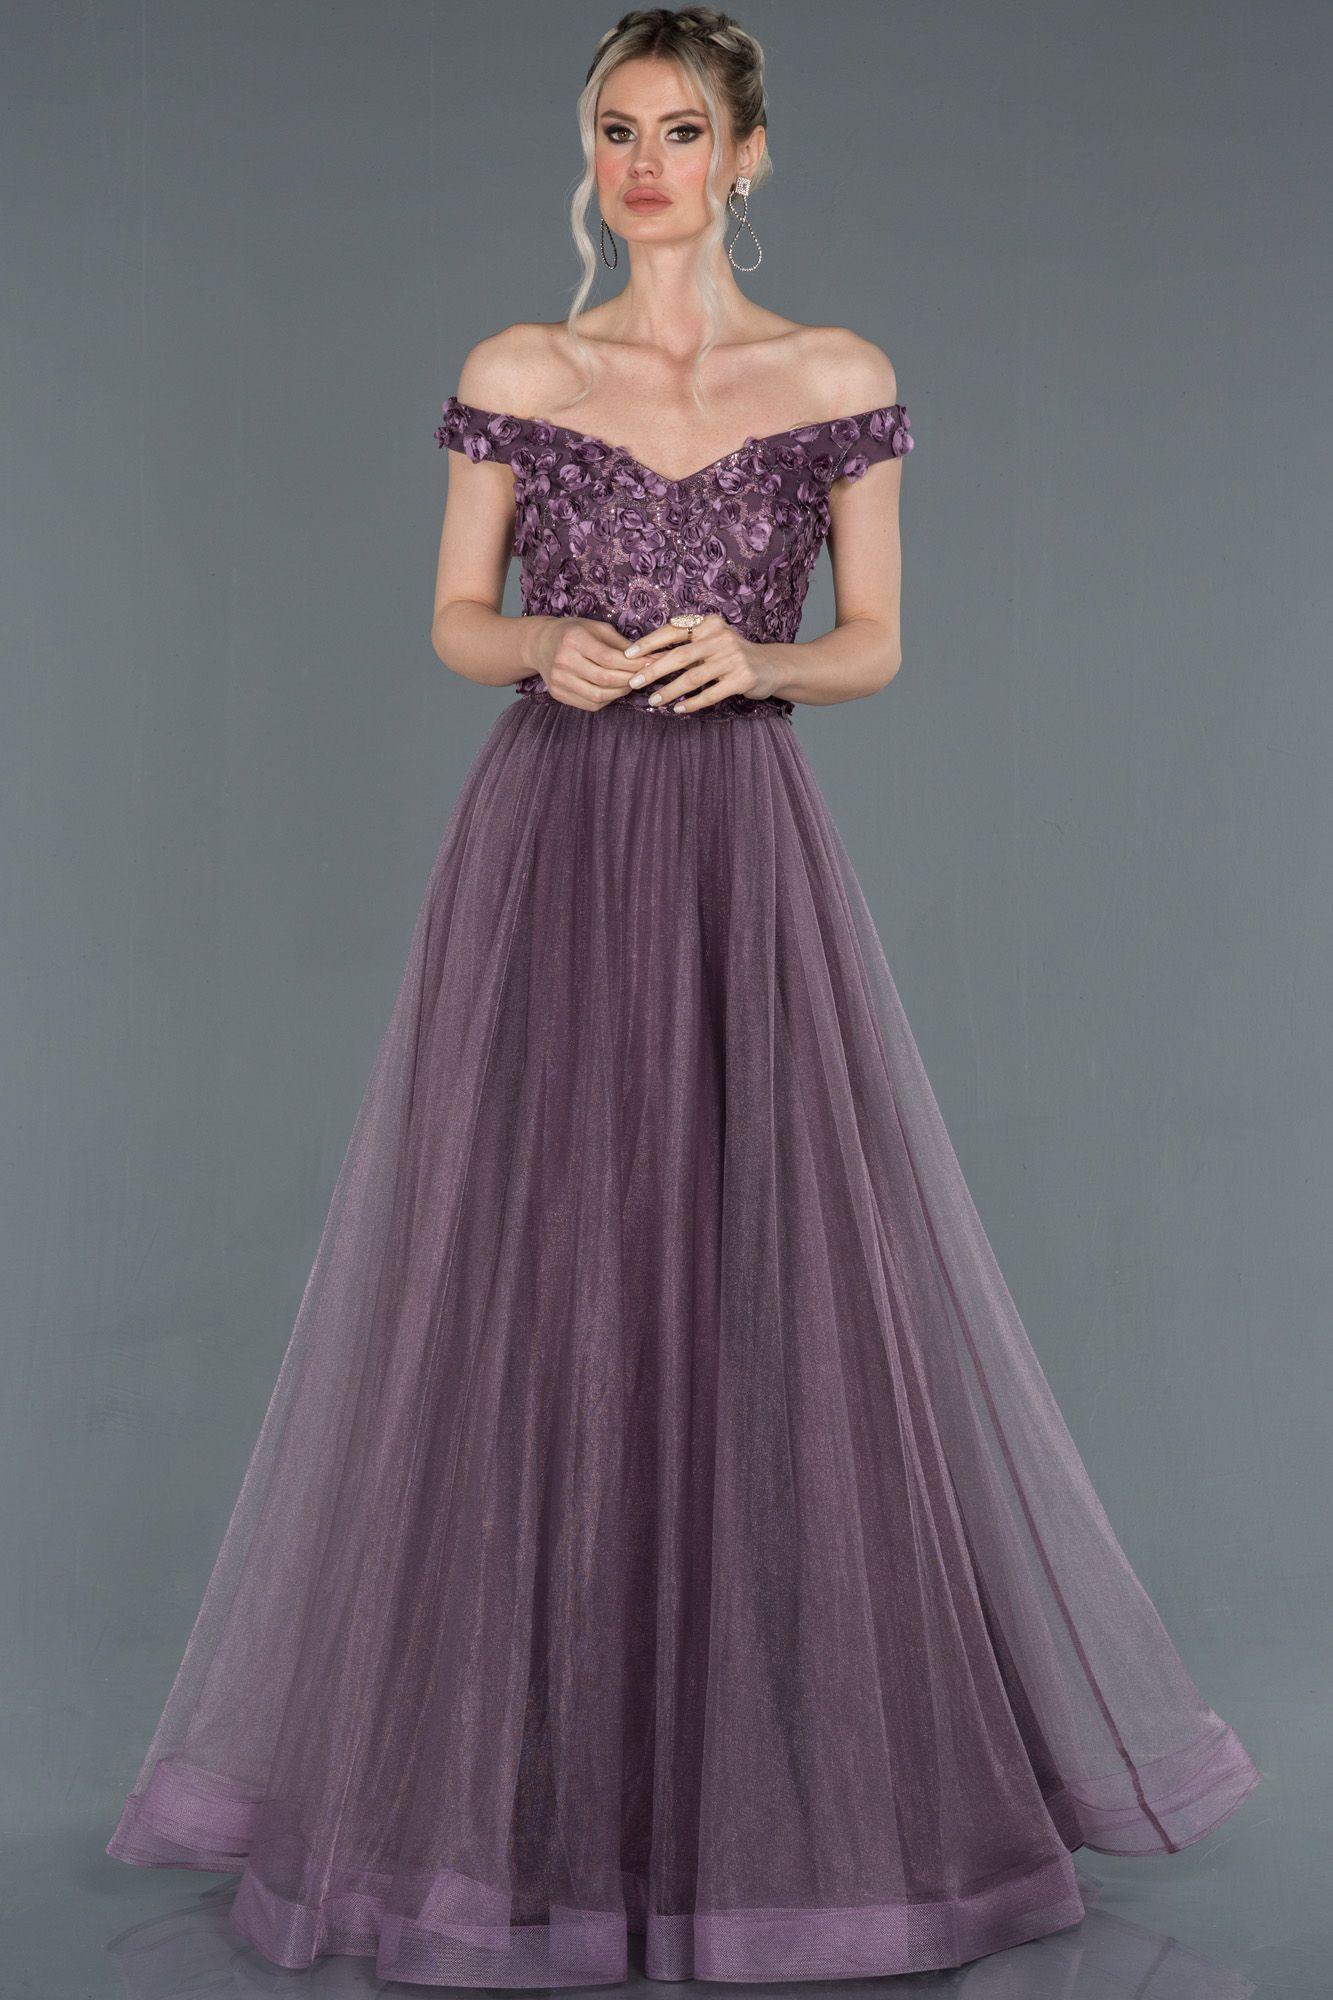 Lavanta Kayik Yaka Gul Islemeli Prenses Abiye Elbise Abu1203 2020 The Dress Elbise Aksamustu Giysileri